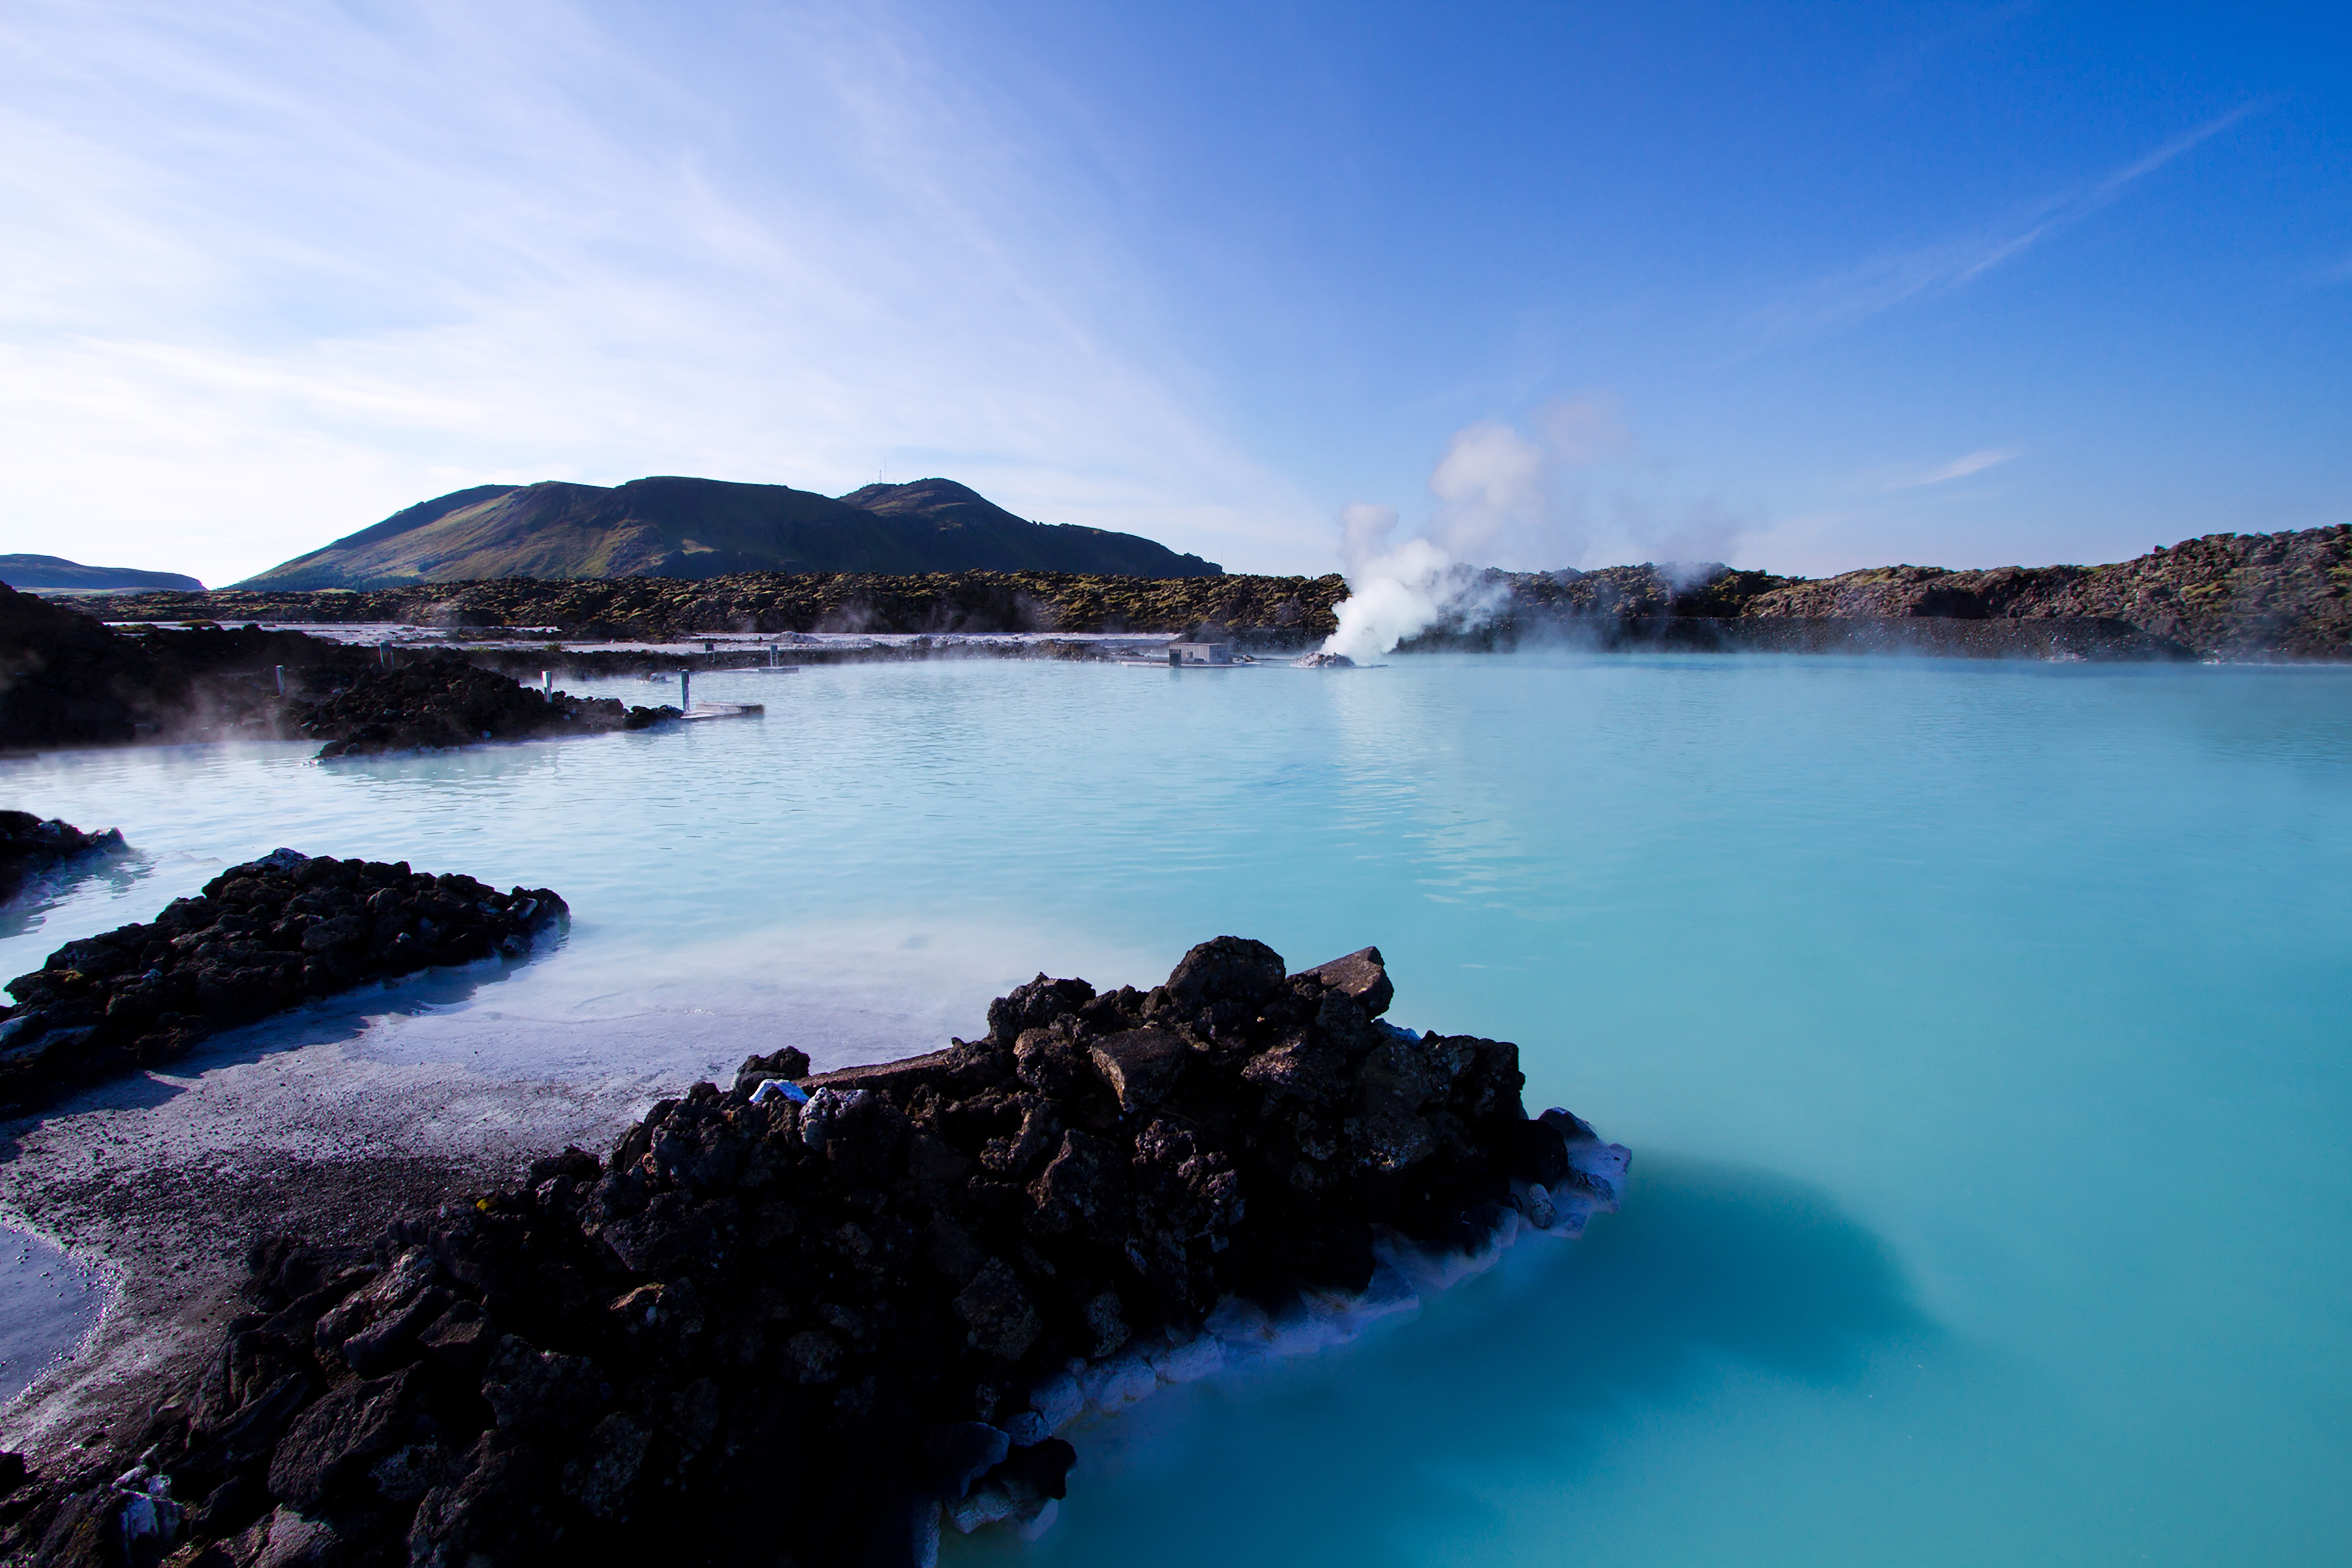 冰岛经典冰火之旅6日游 中文向导 含杰古沙龙冰河湖 - day 5